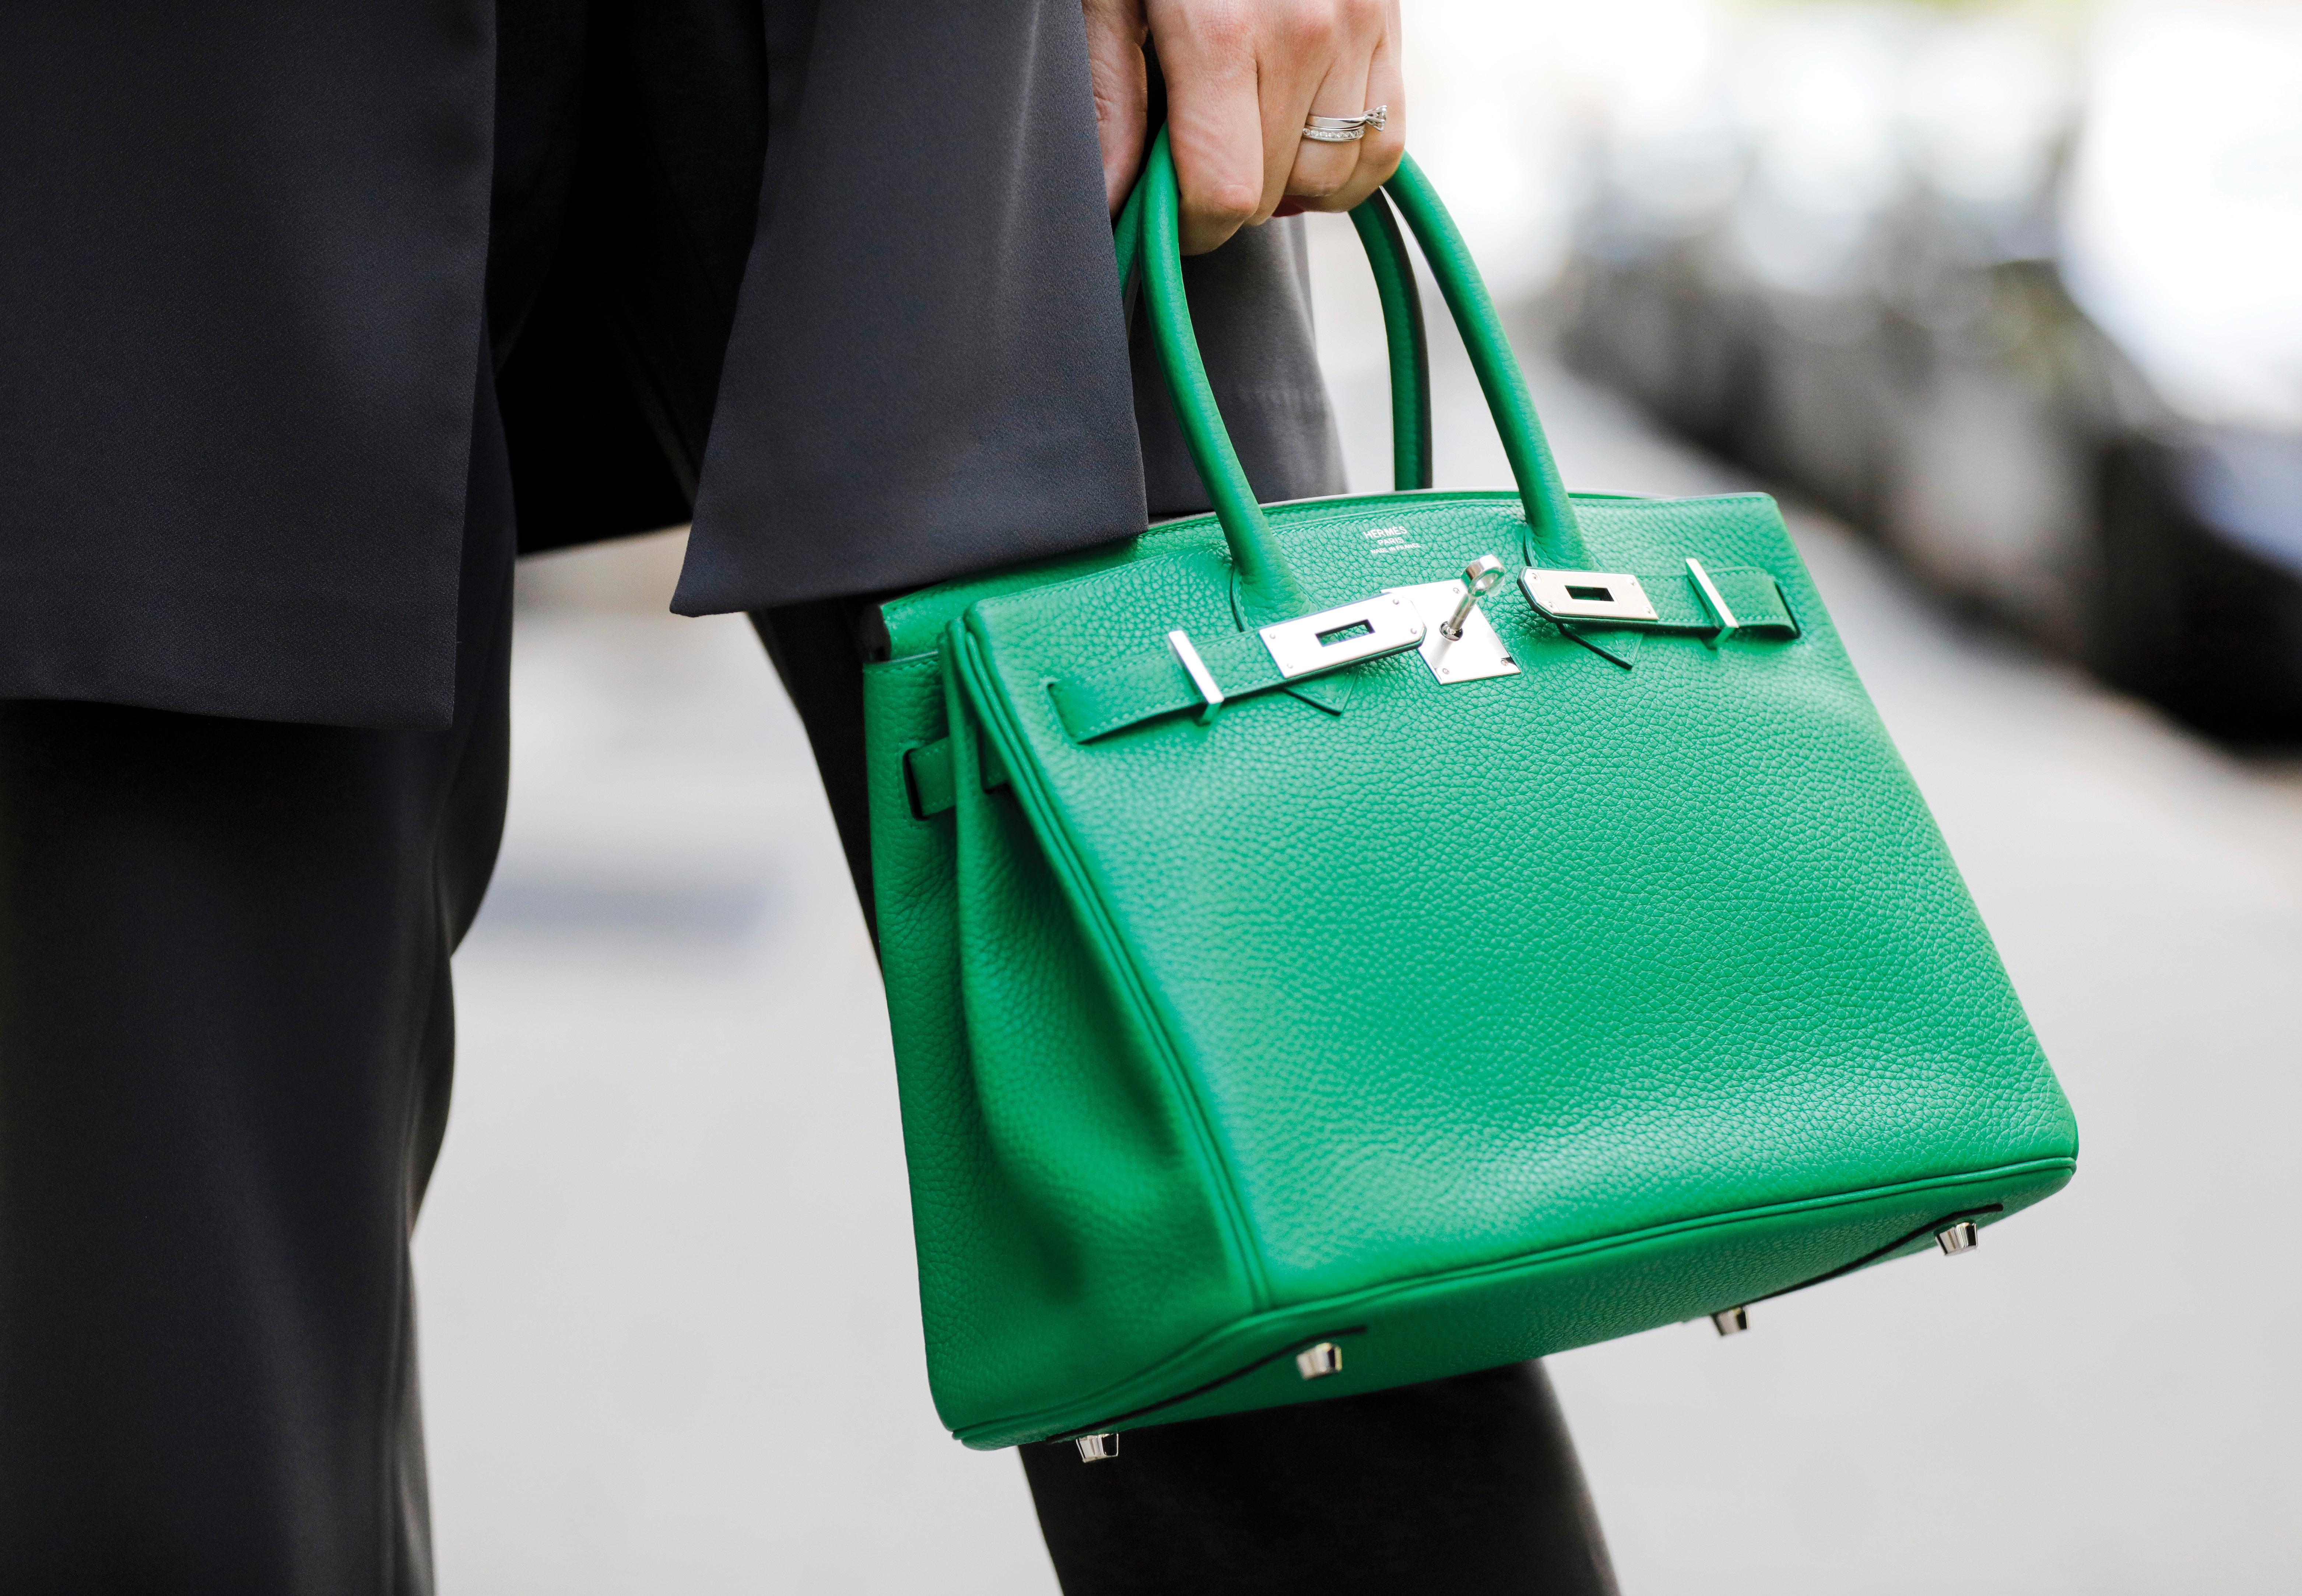 Beleggen in designertassen: dankzij deze tips word je rijk